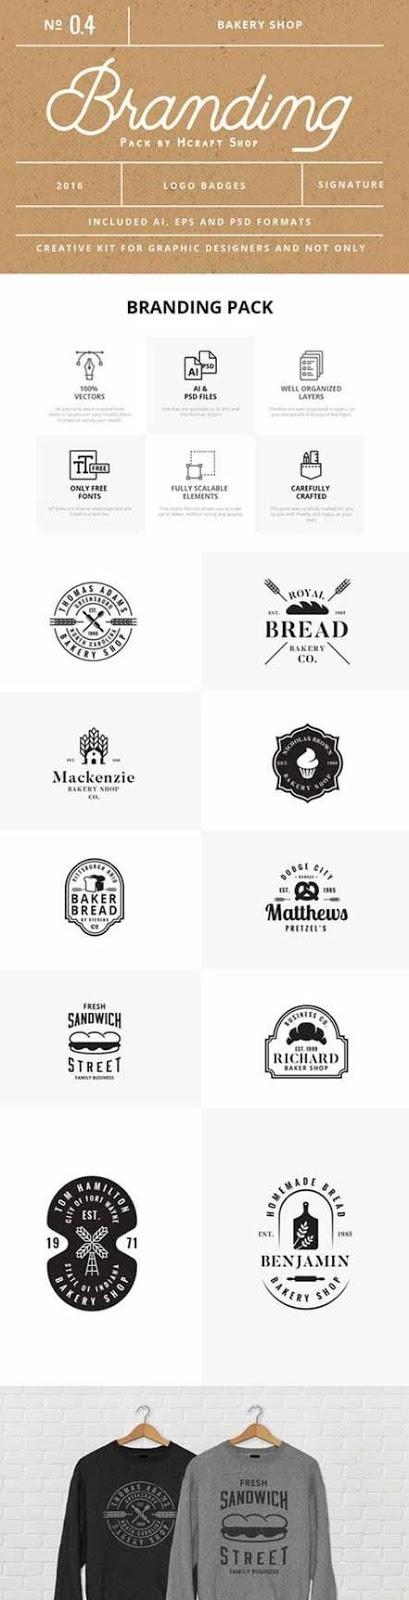 Pack de branding